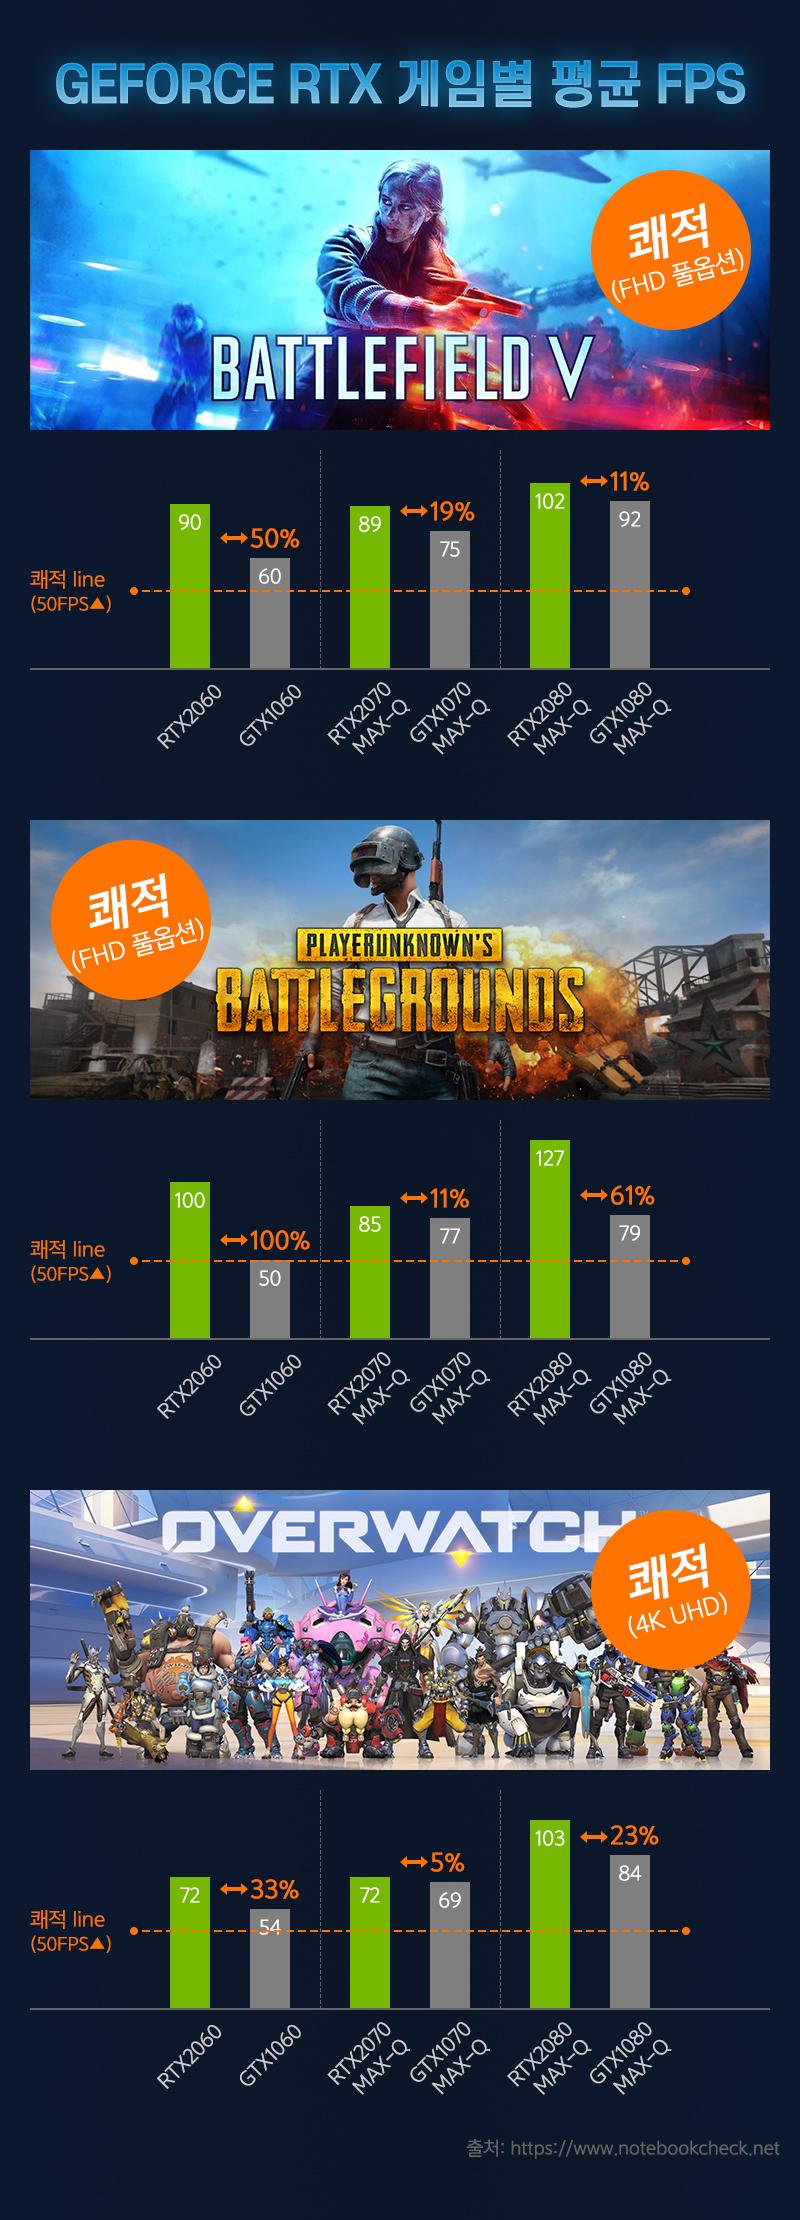 GEFORCE RTX 게임별 평균 FPS